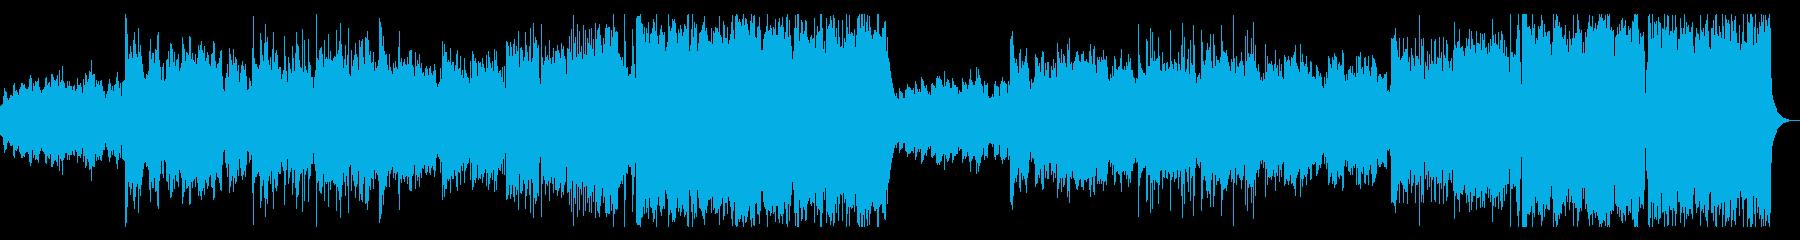 女性ボーカルMelodicDubstepの再生済みの波形